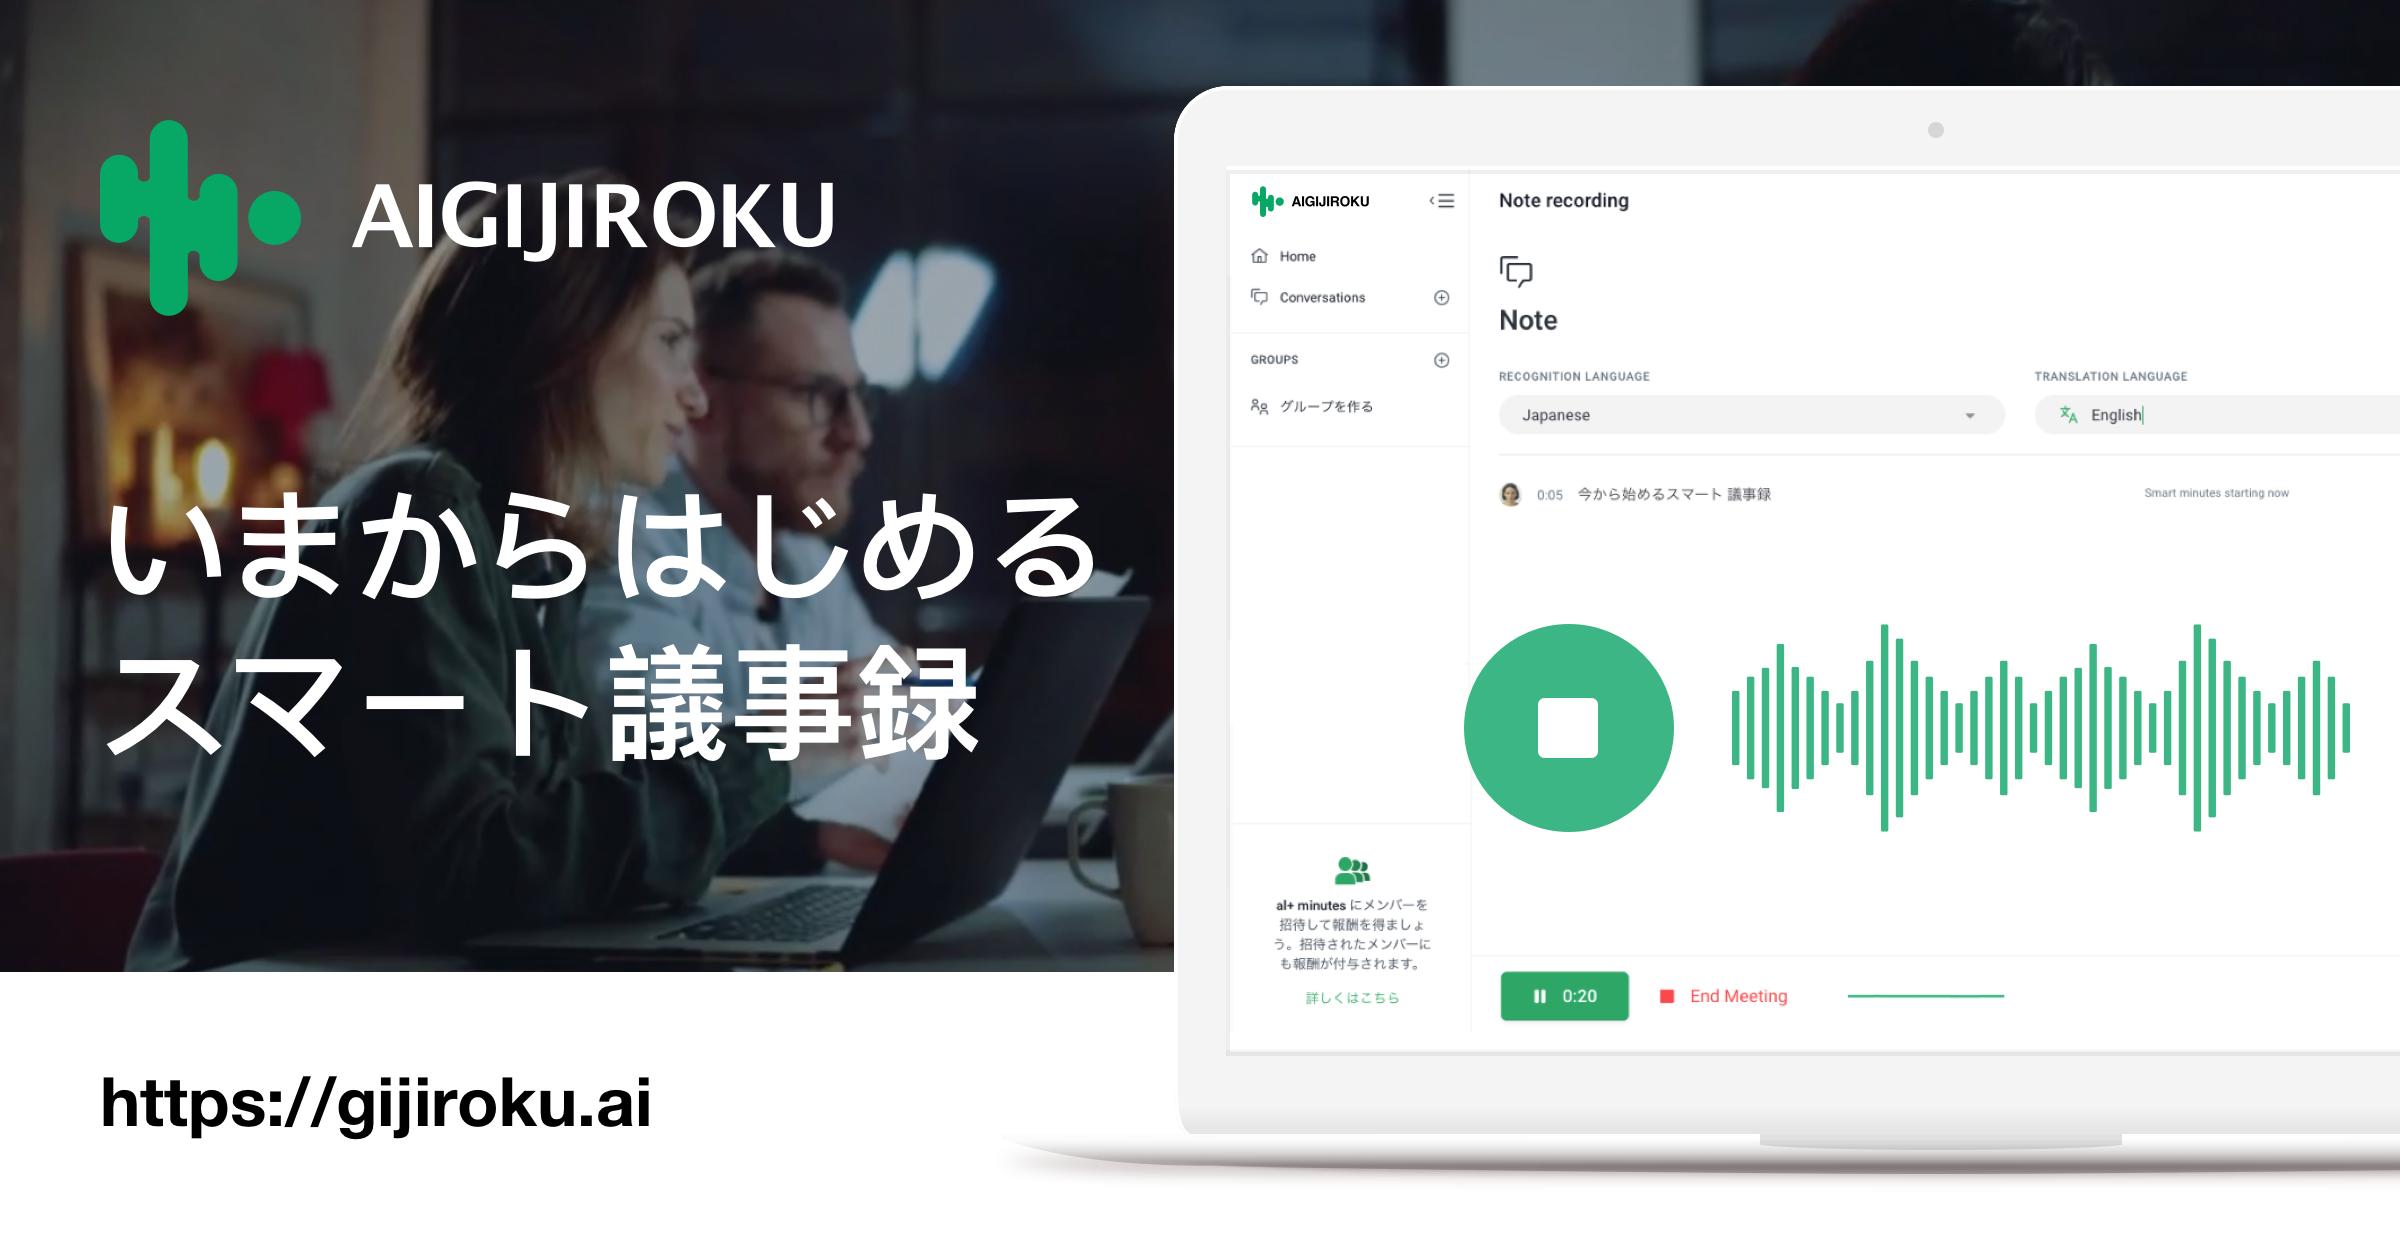 OGP_aigijiroku